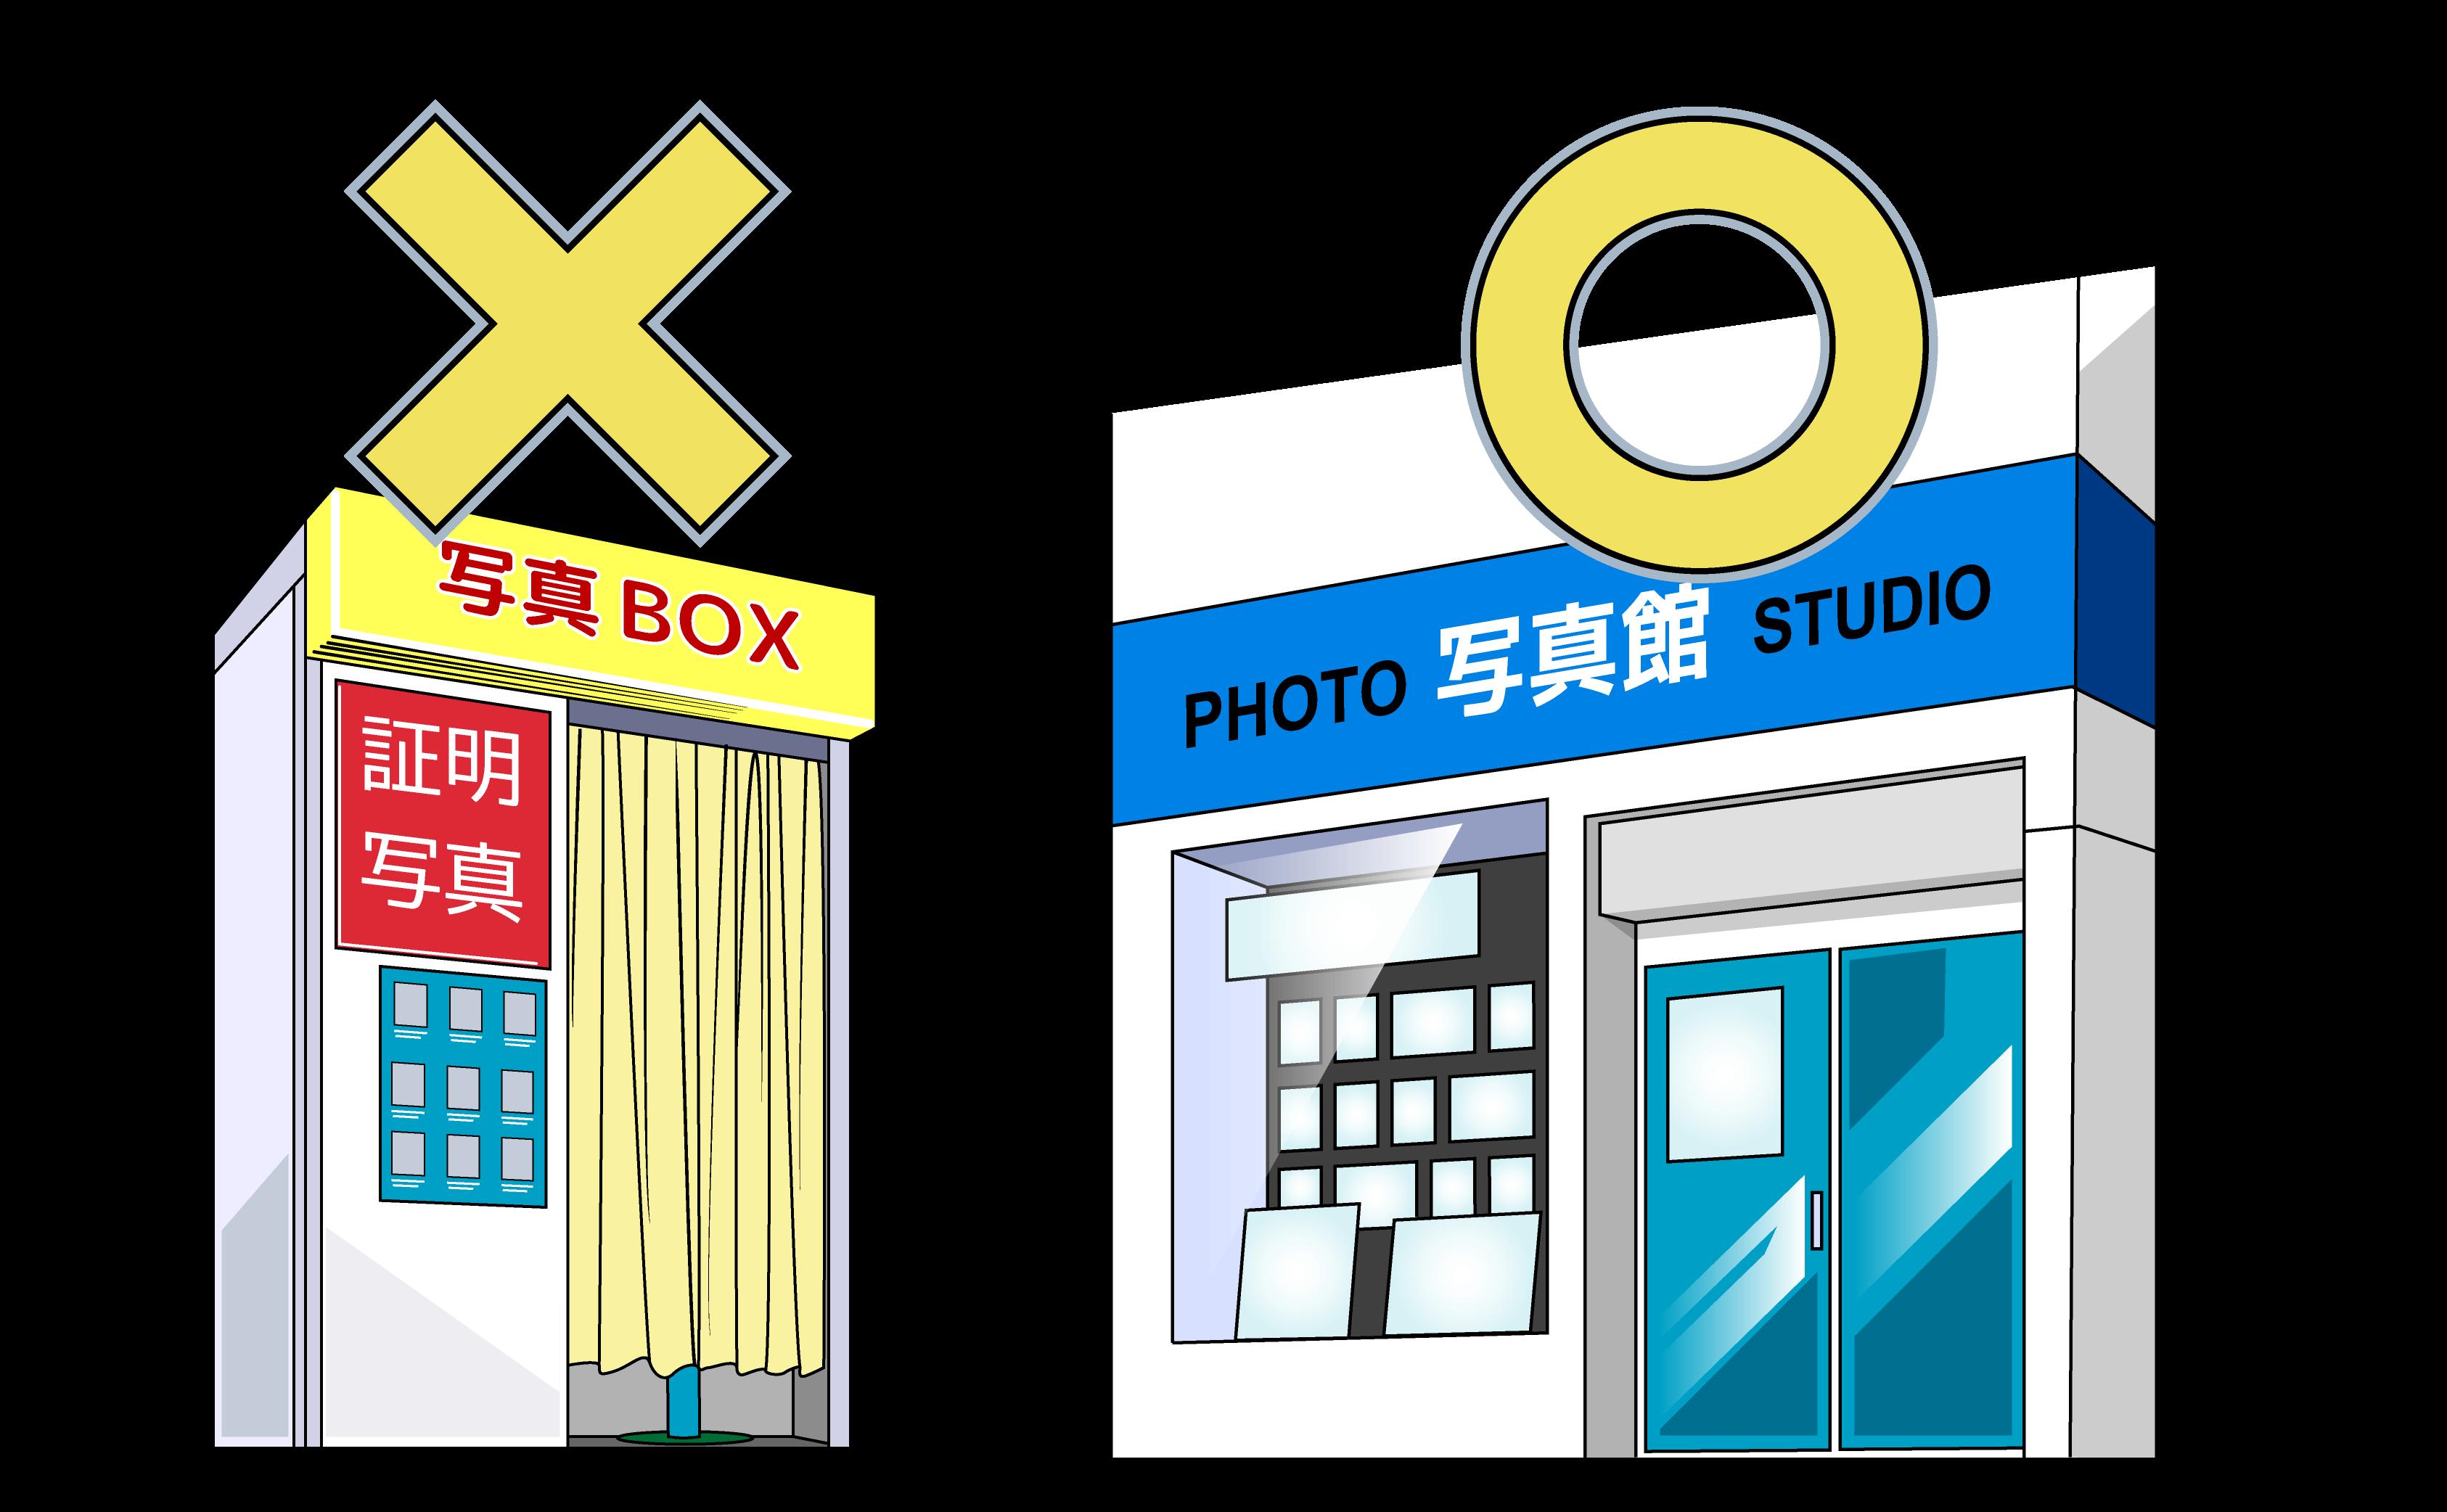 就活写真は写真ボックスではなく写真館やスタジオで